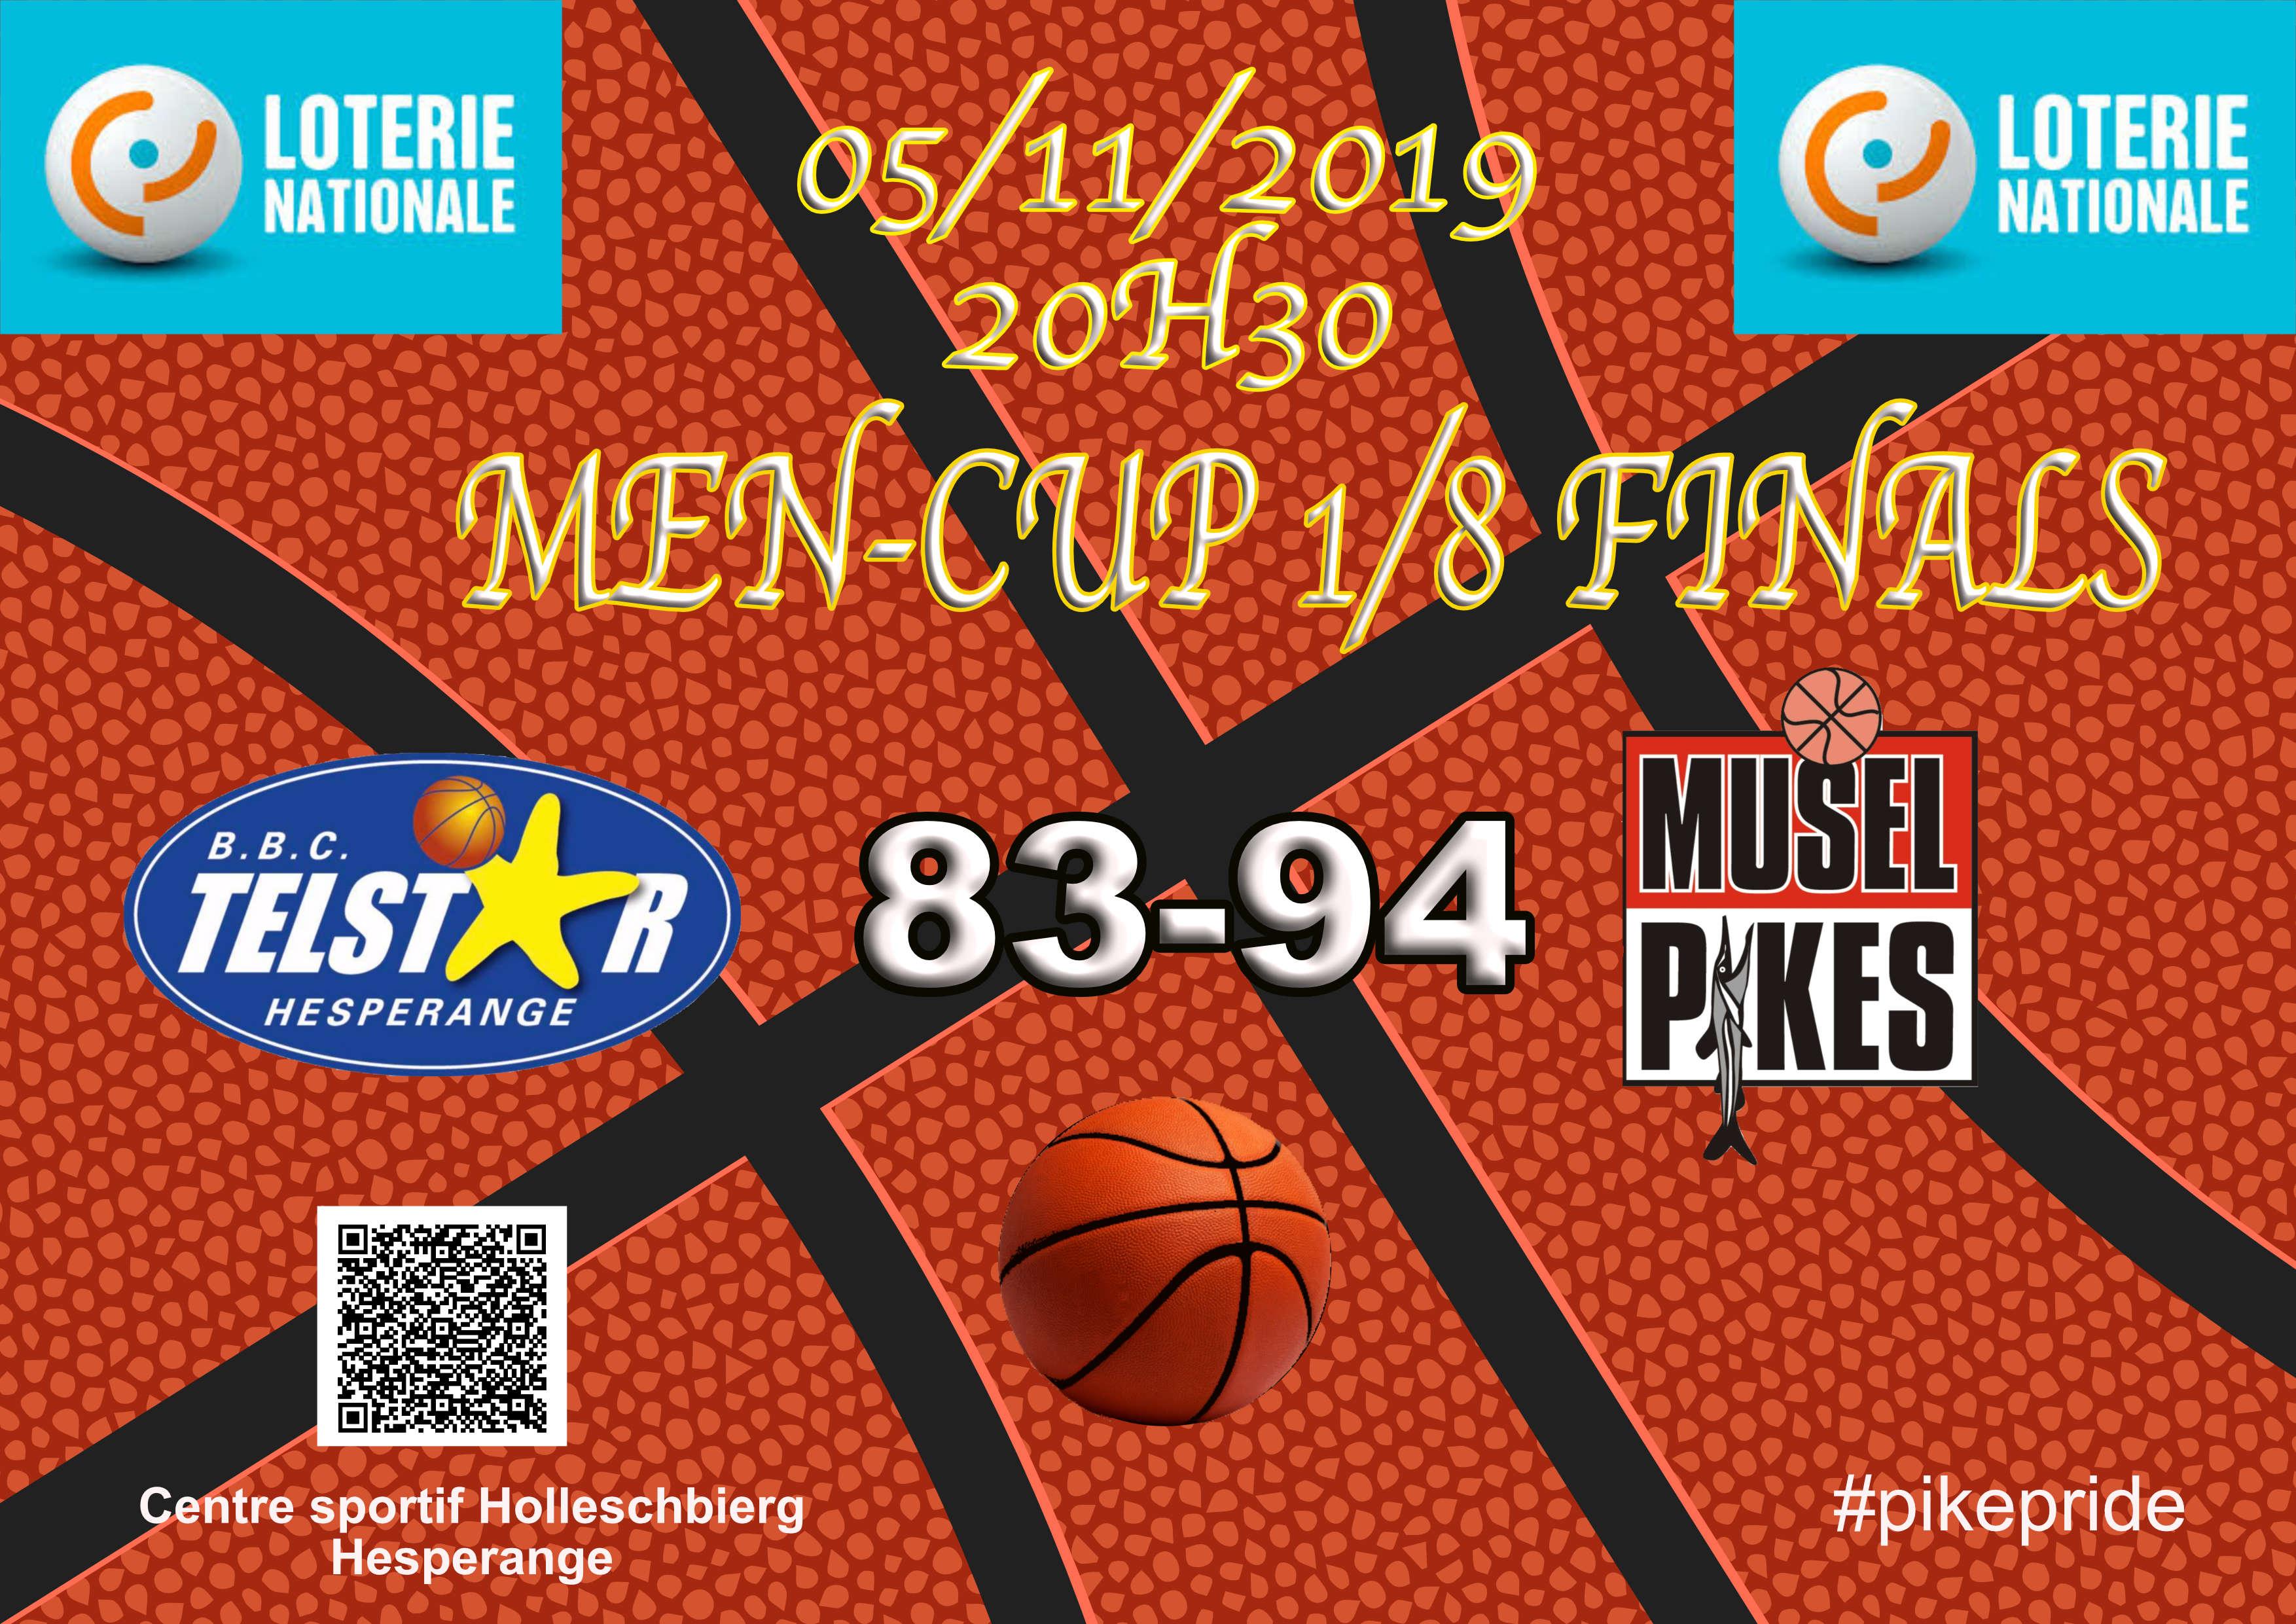 Men CUP 1/8 Finals